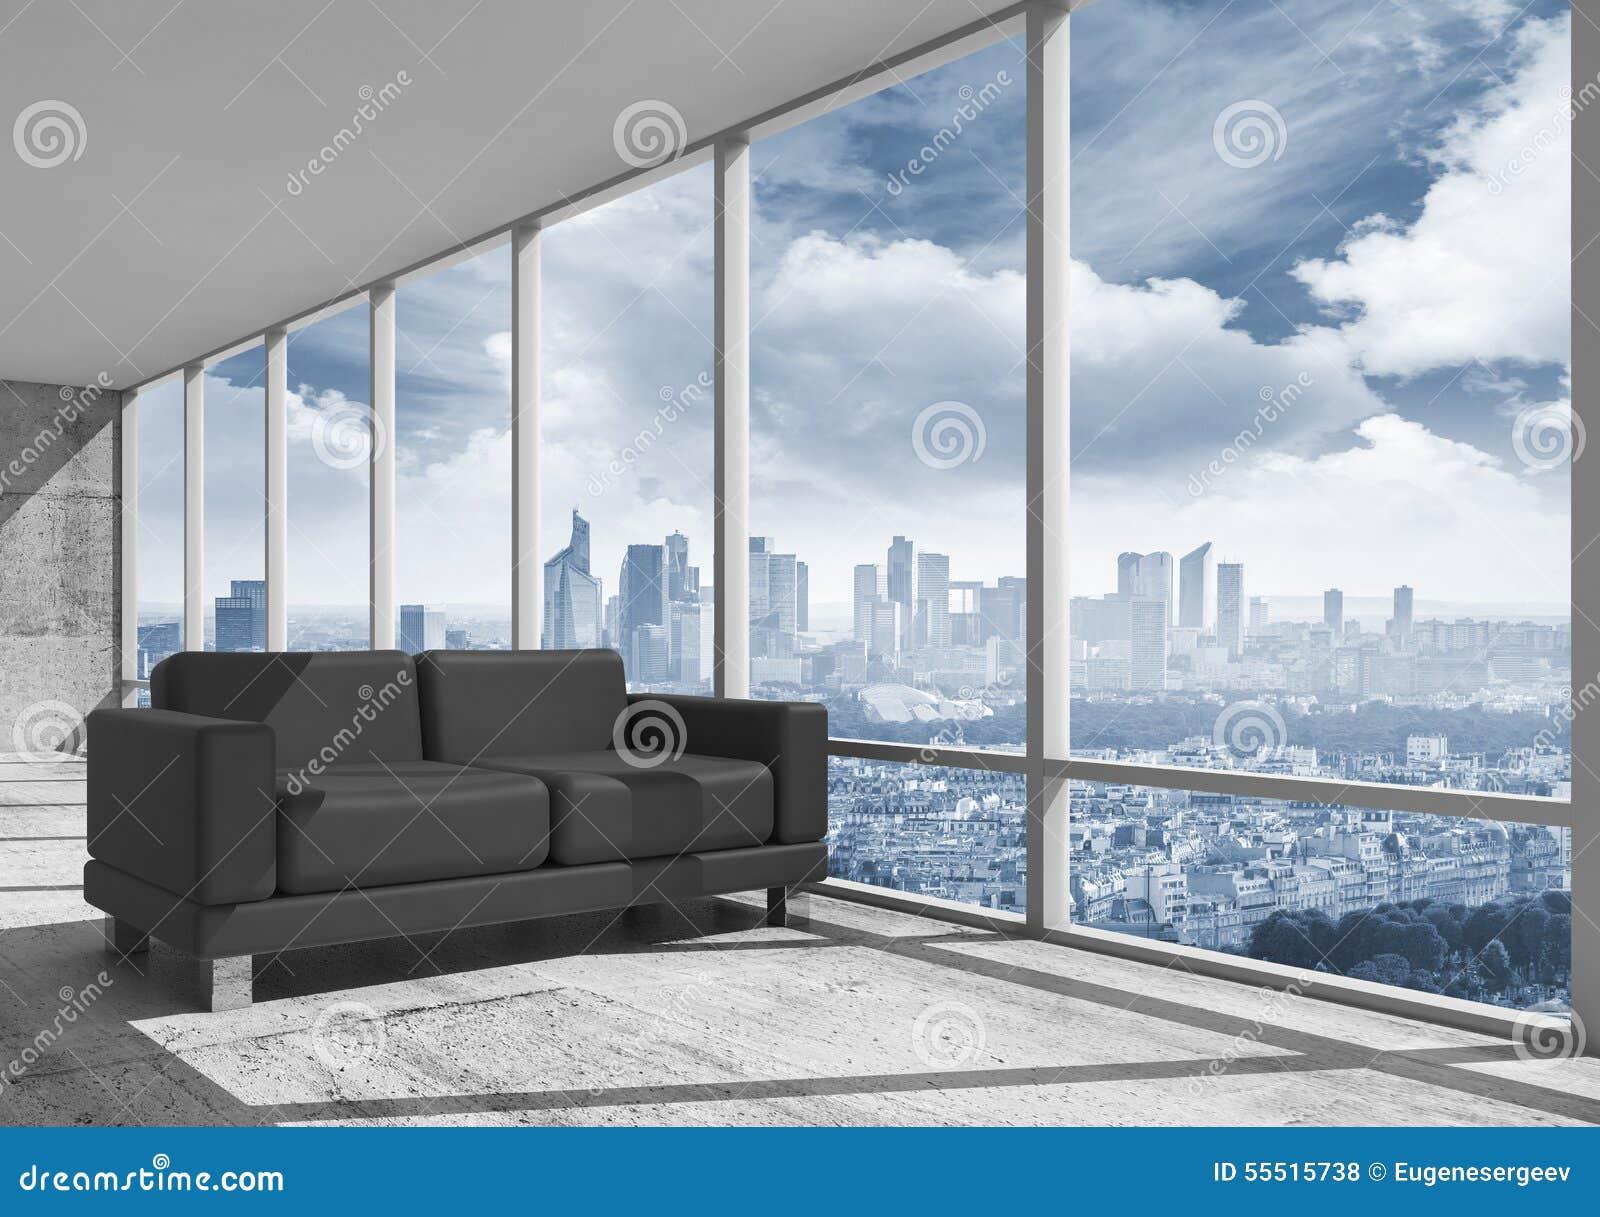 抽象内部,有水泥地板的办公室室